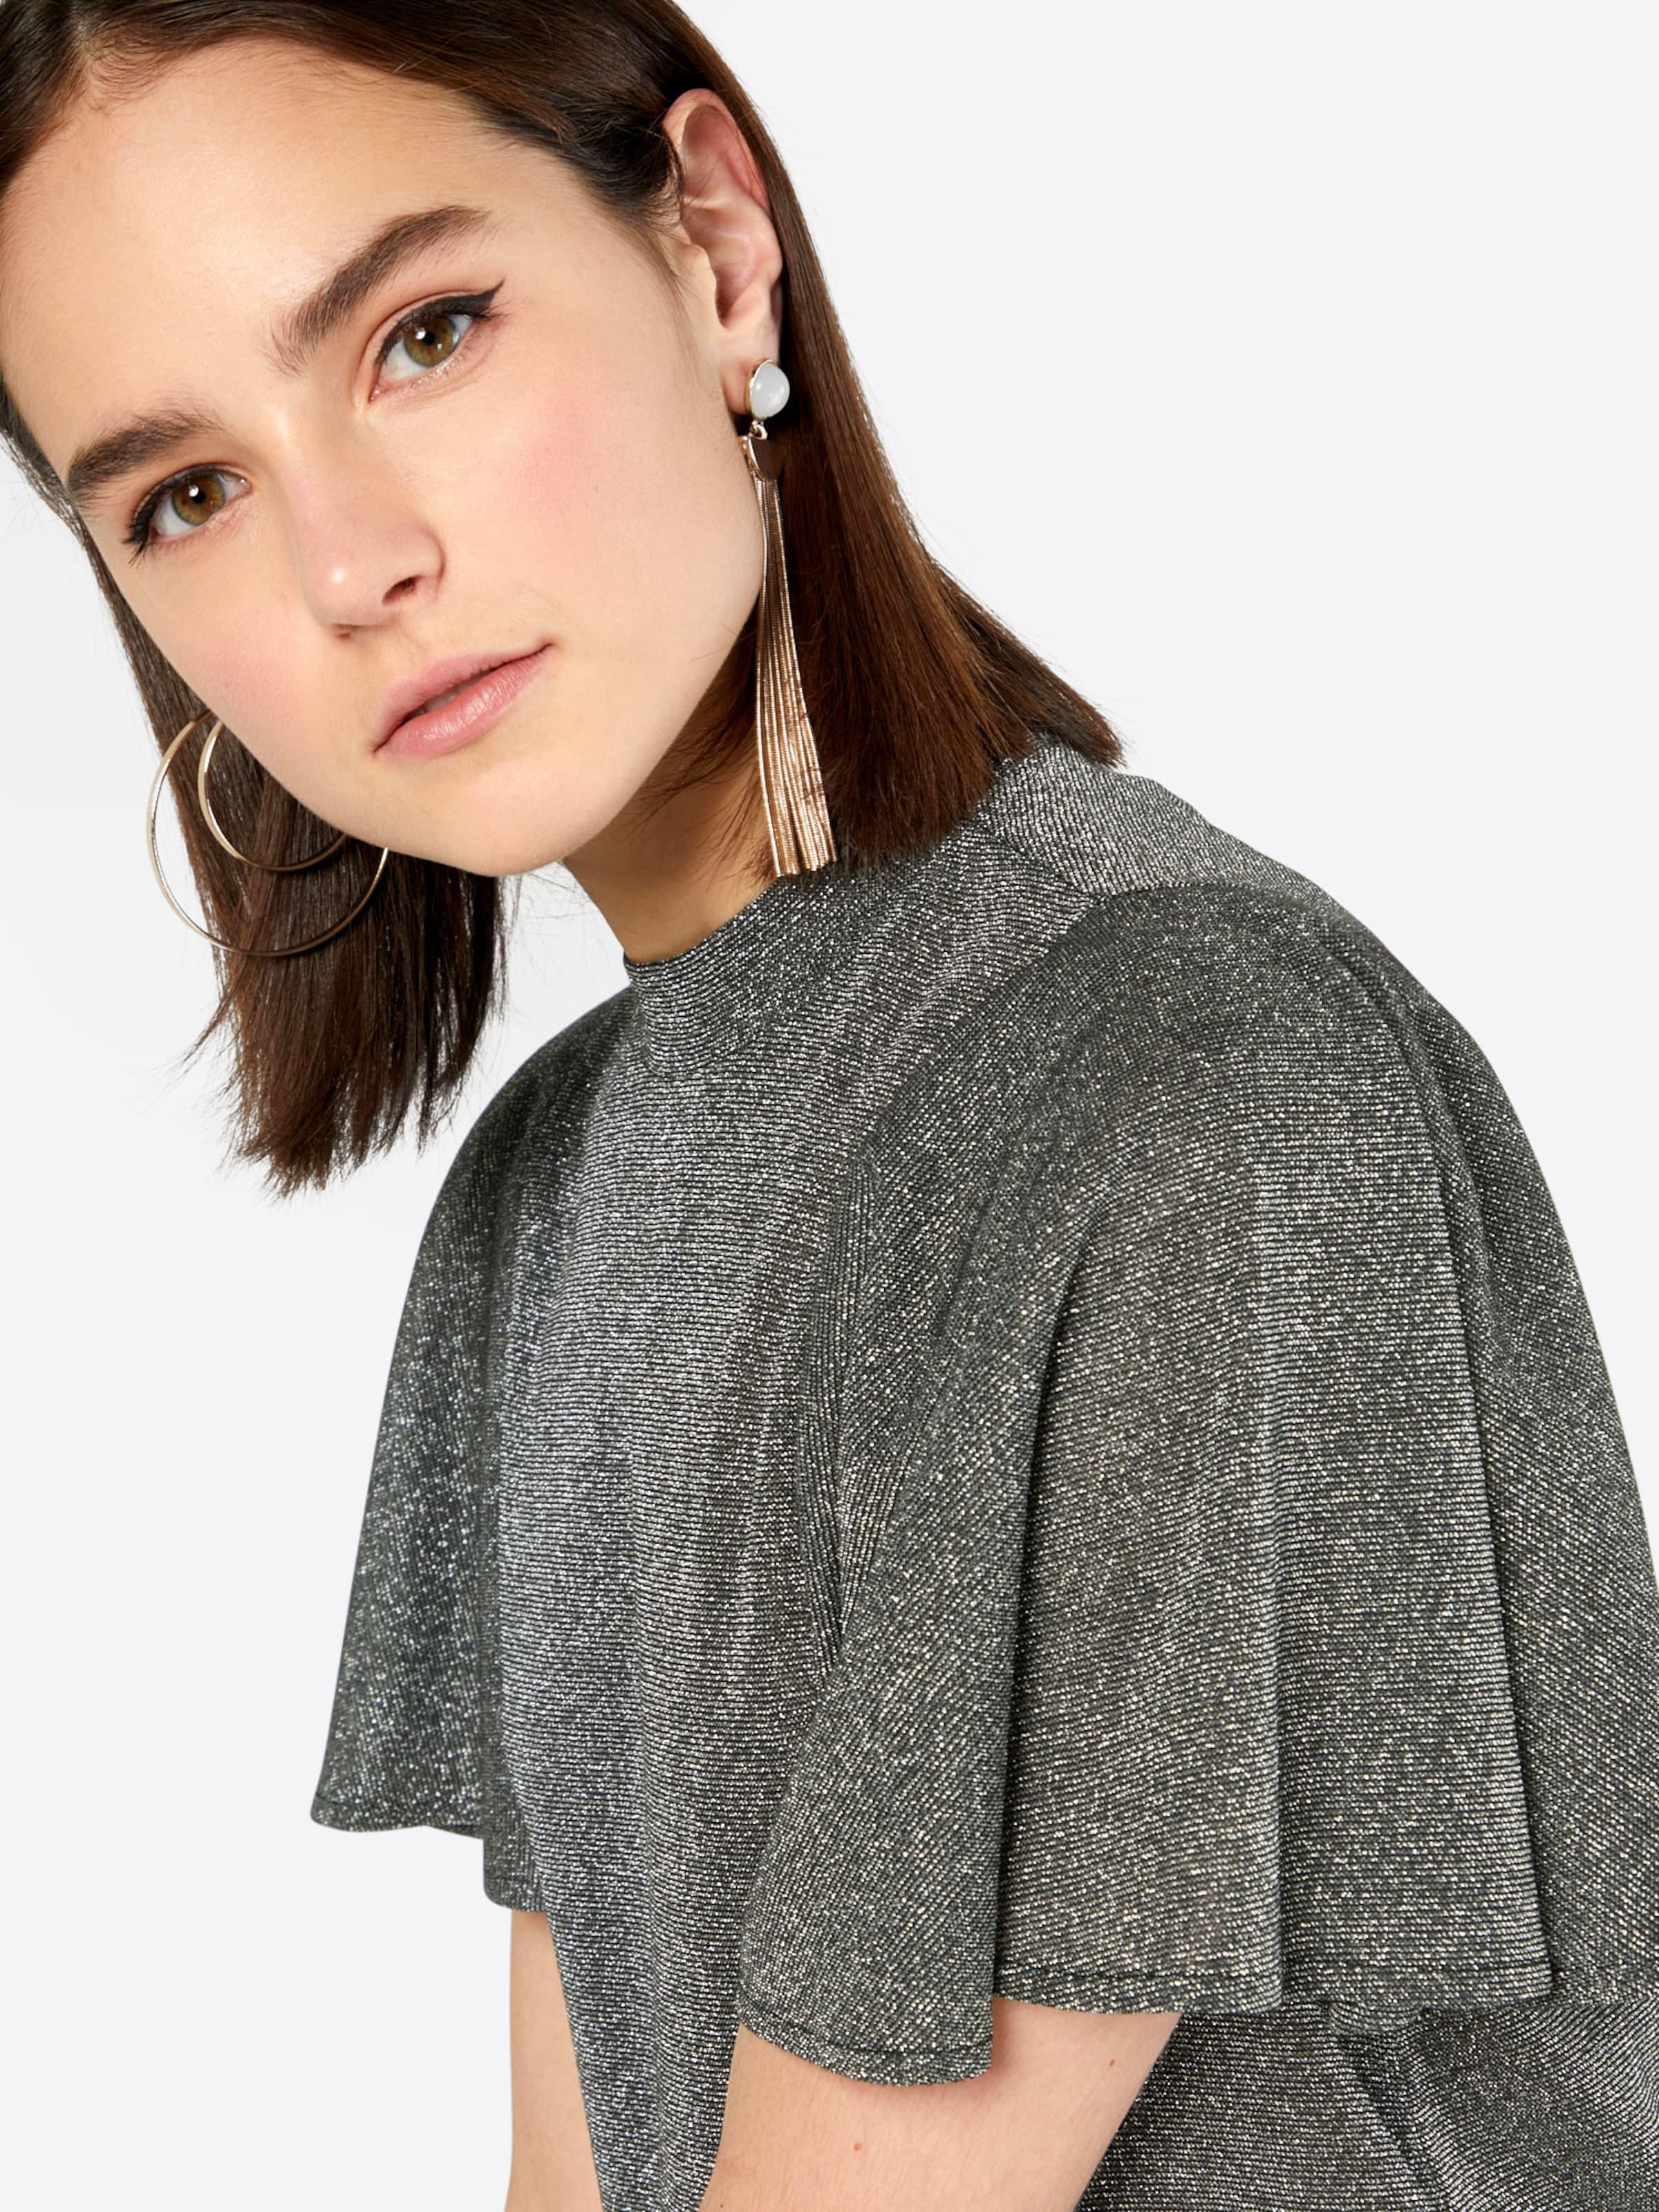 Review Shirt 'GLITTER VOLANT' Rabatt Offiziell 1Lplcn